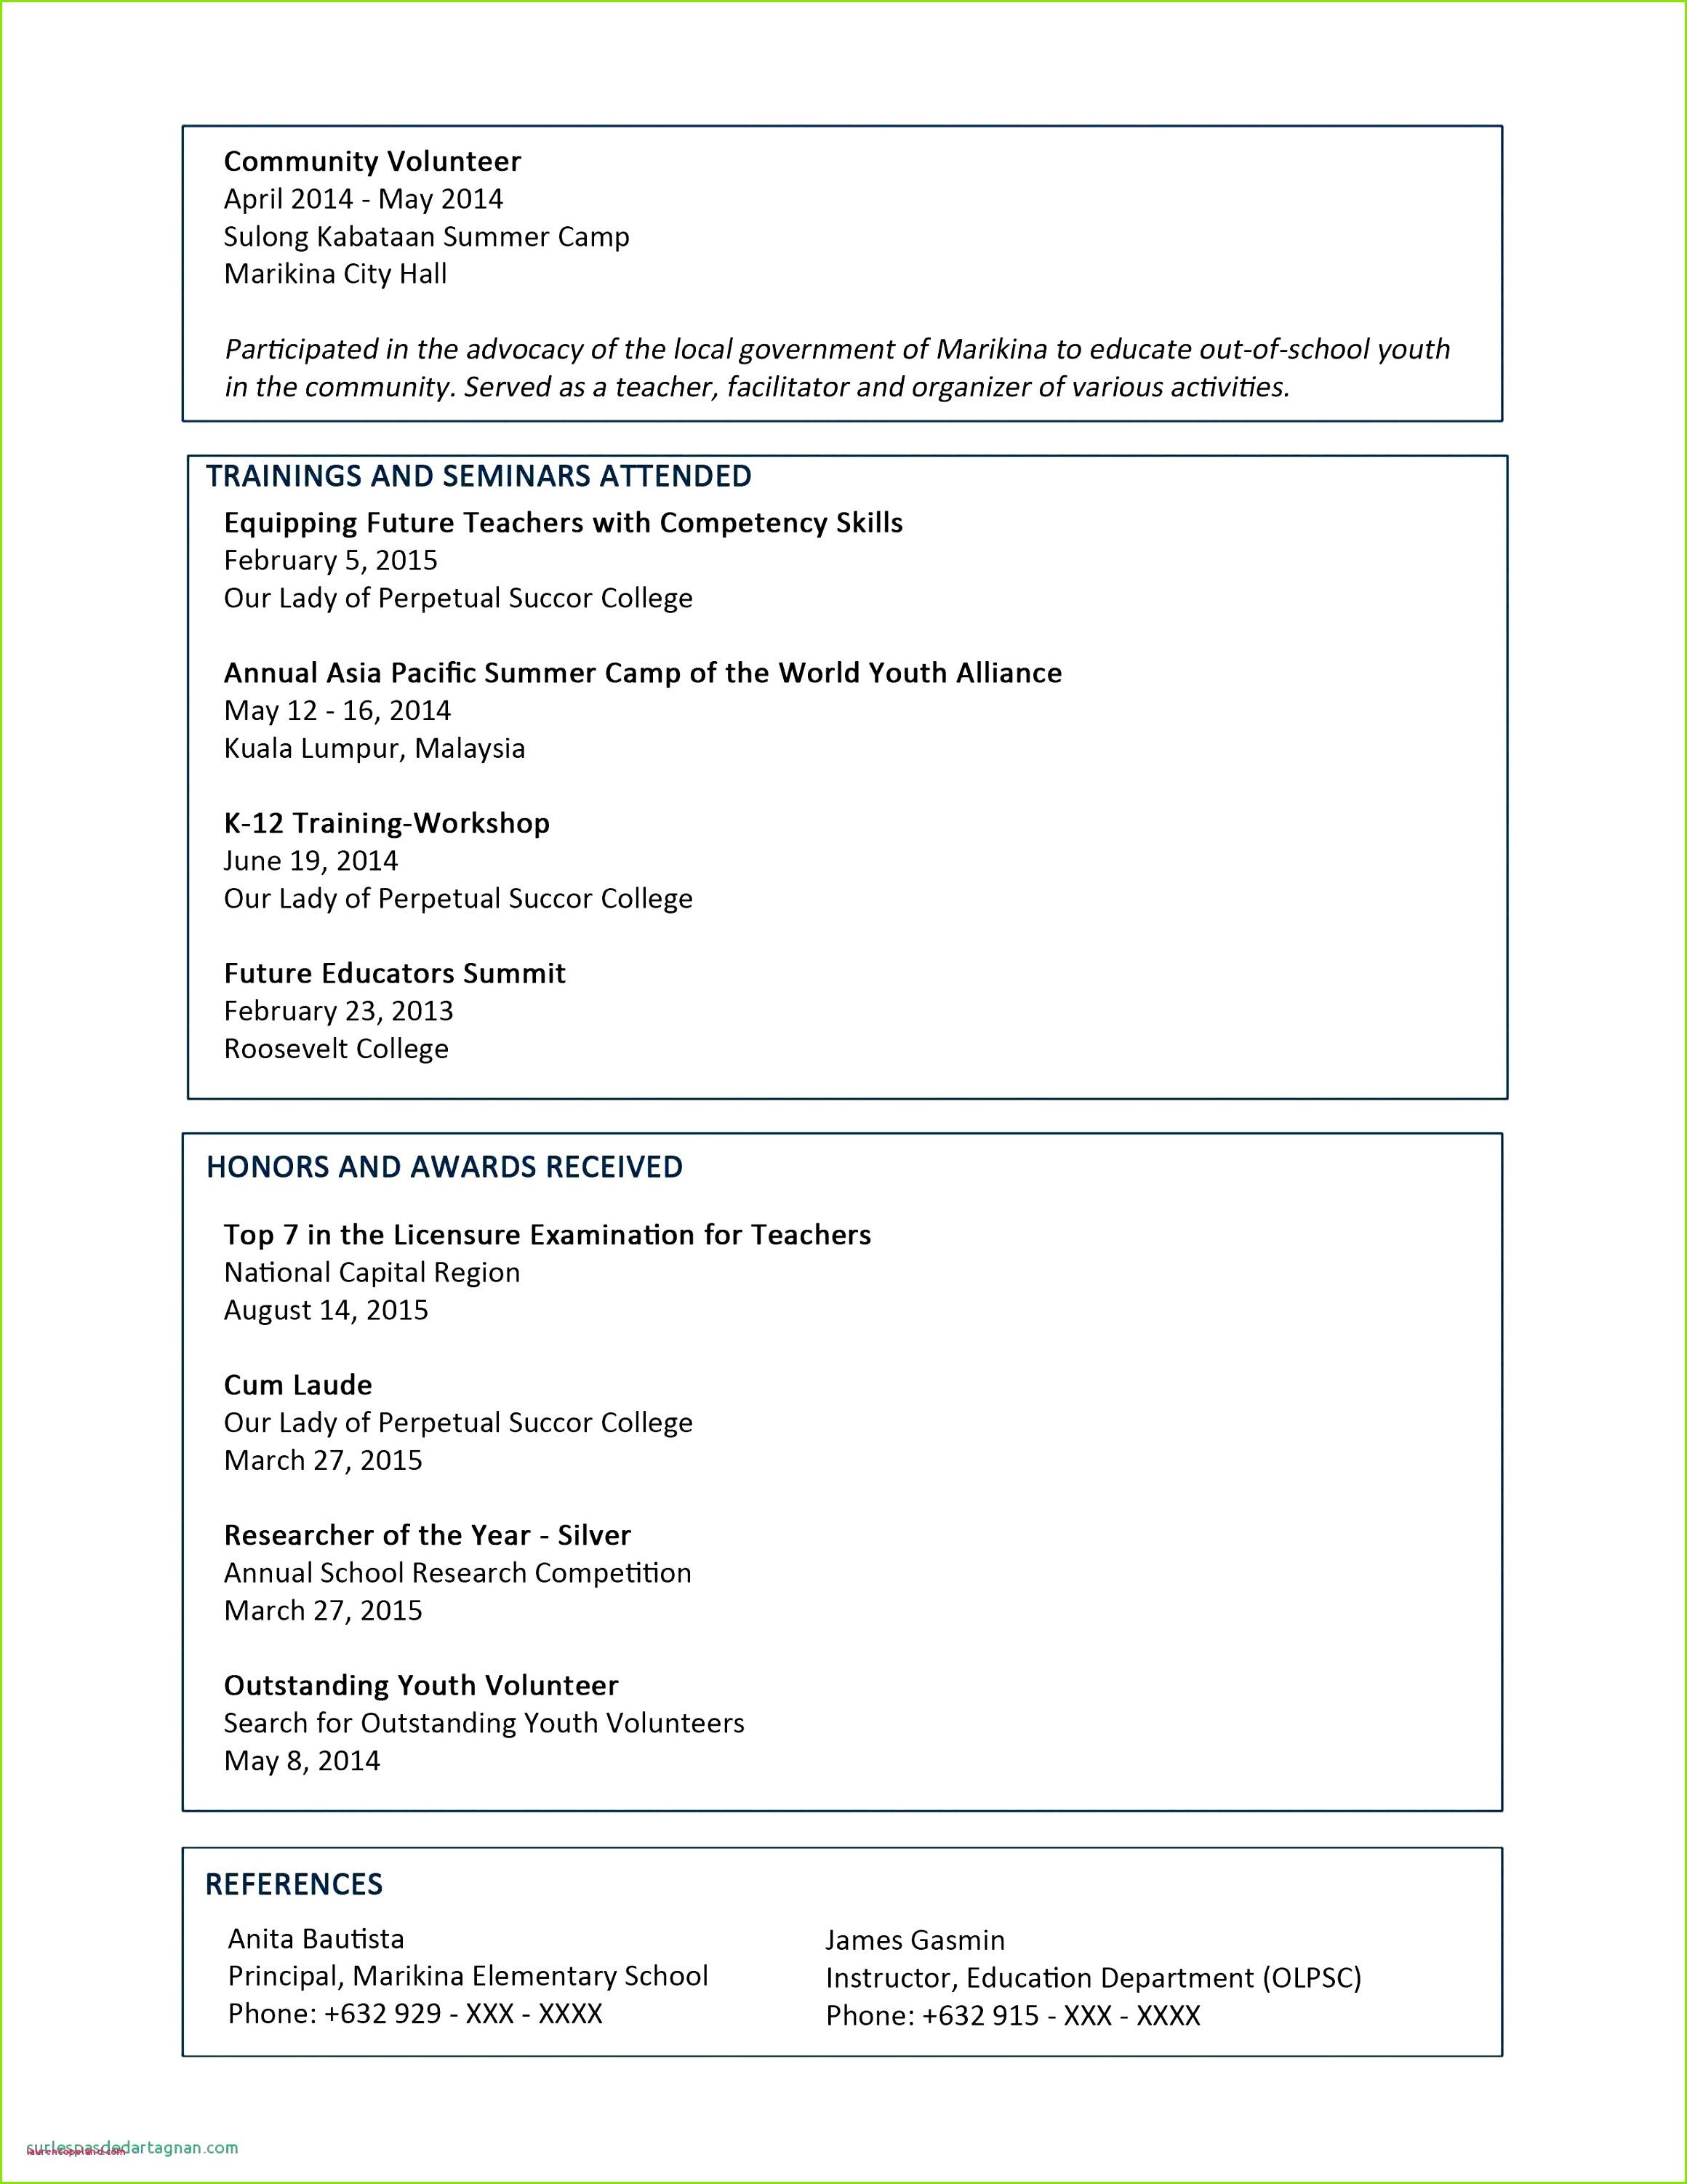 Vorlage Mitarbeitergesprach Word Schön E Mail Vorlage · Vorlage Mitarbeitergesprach Word Trauerreden Vorlagen